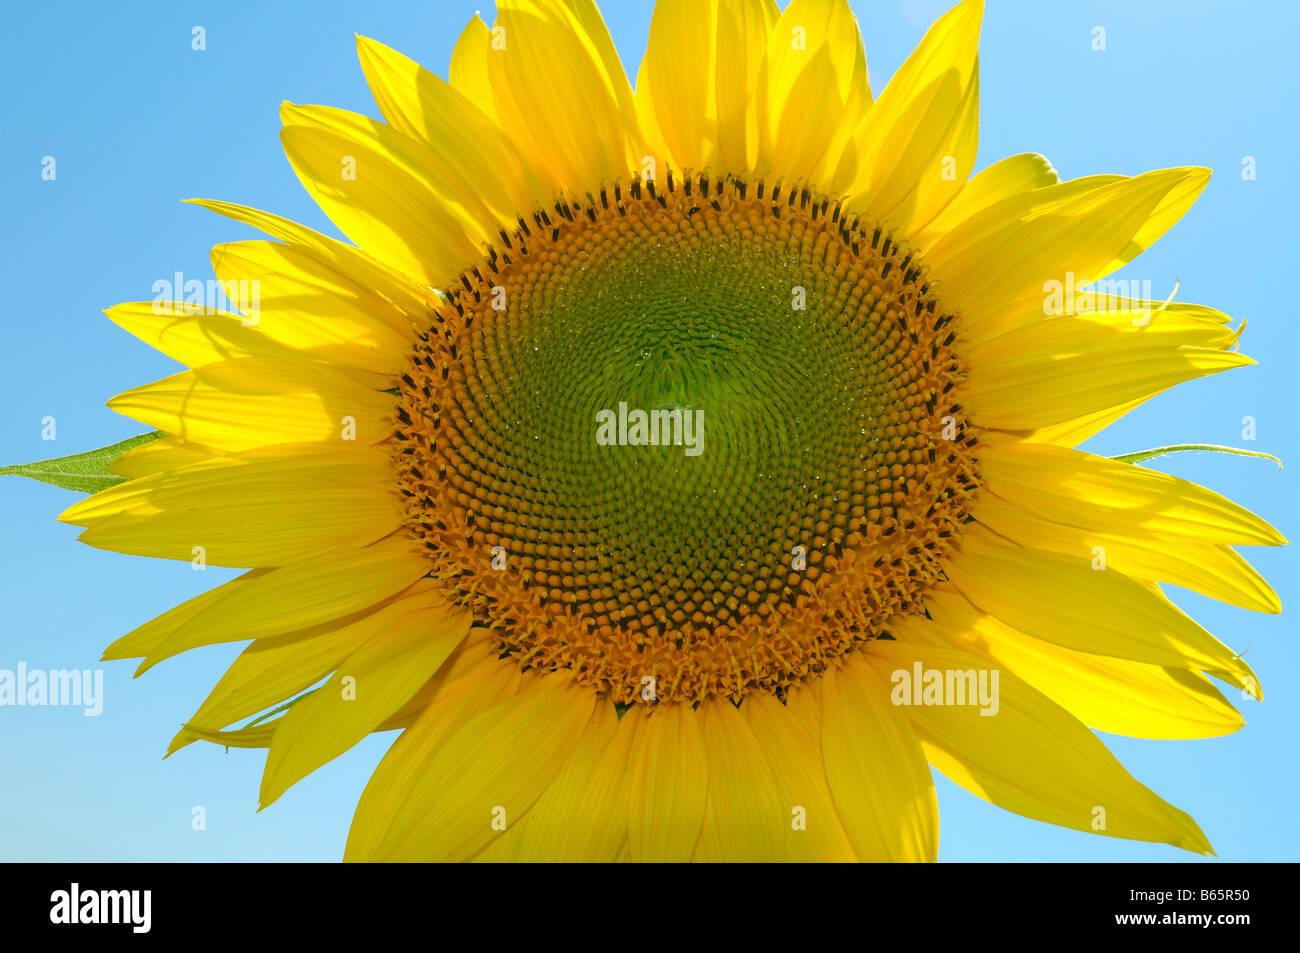 Sunflower against blue sky. - Stock Image